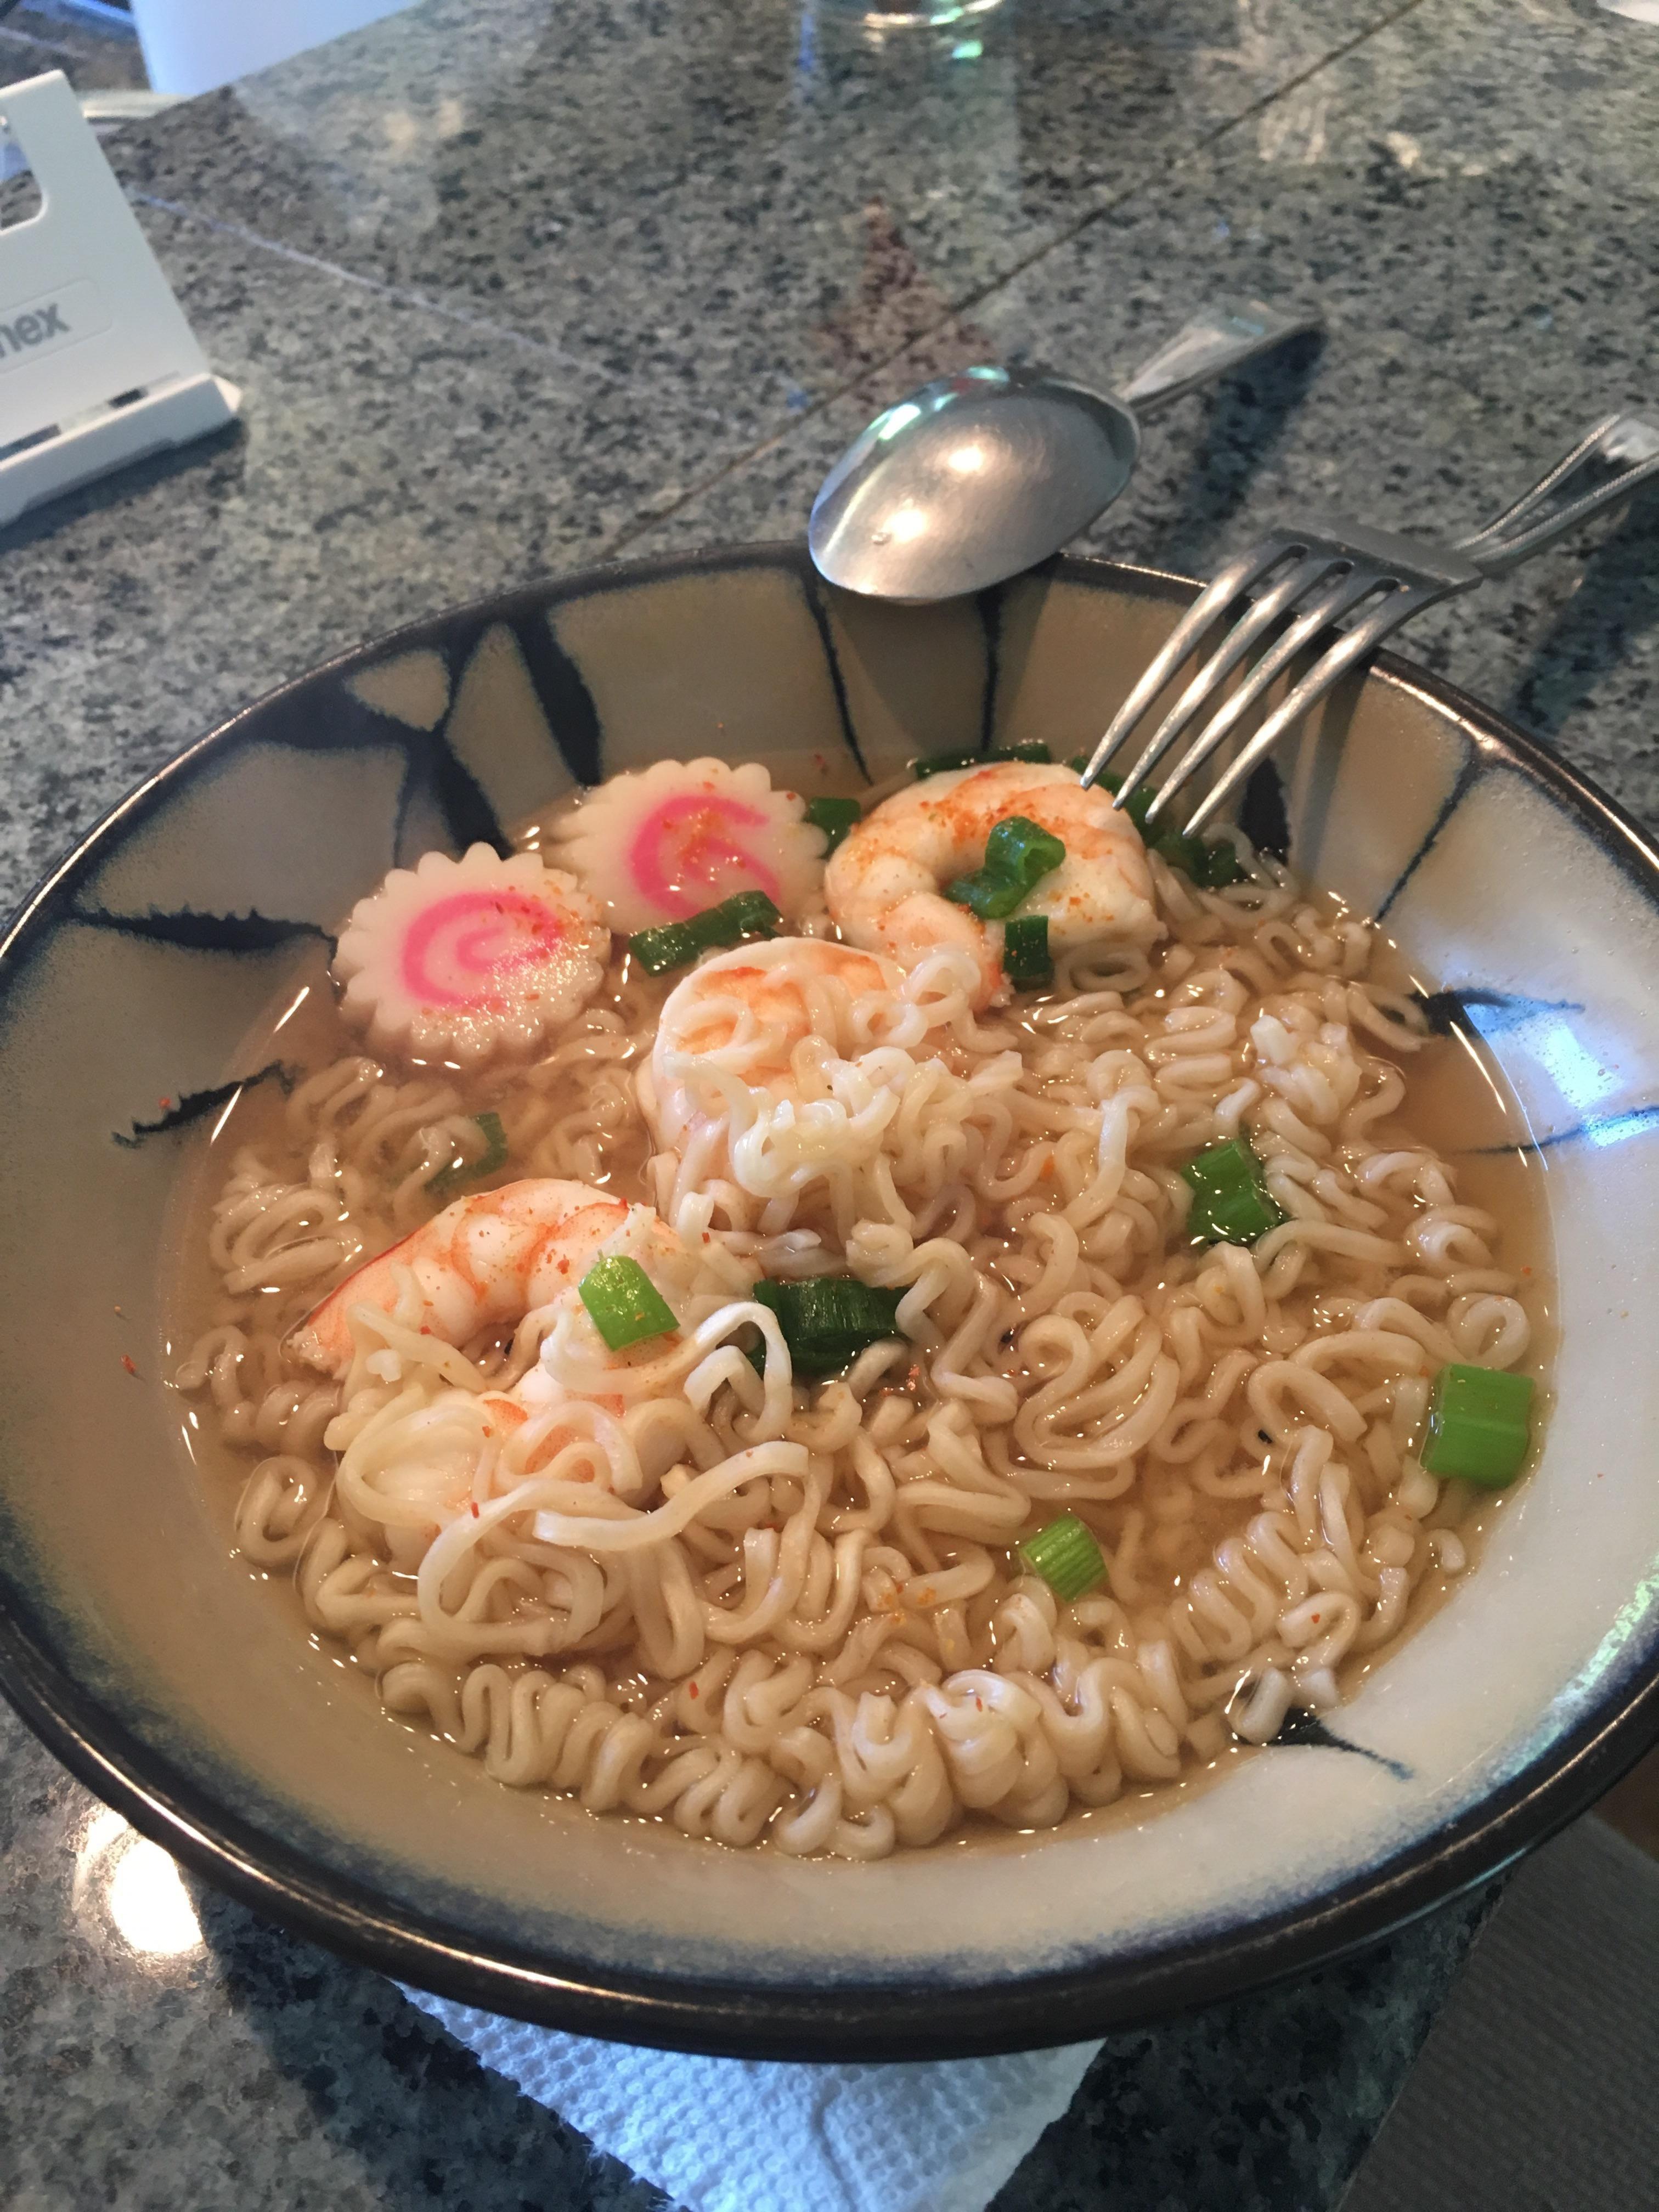 Homemade Shrimp Ramen Noodles With Naruto Fish Cakes In Dashi